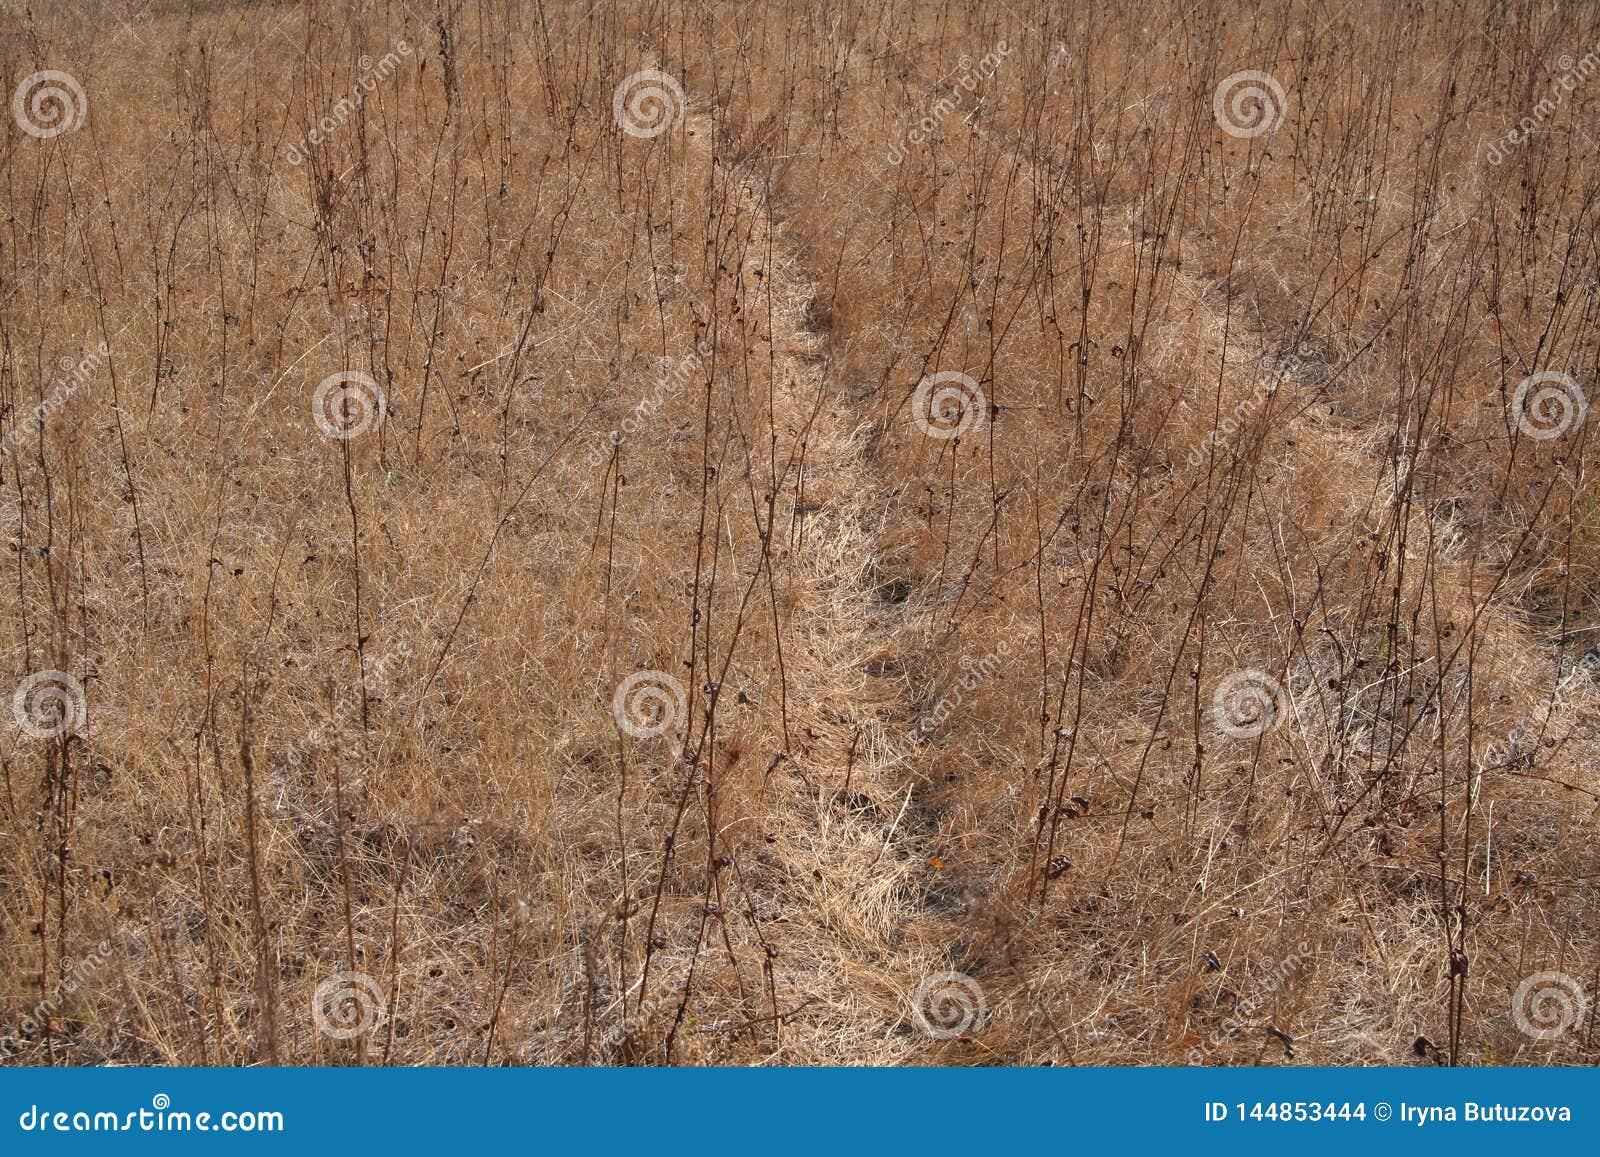 Wiejska droga przerastająca z trawą sucha trawa